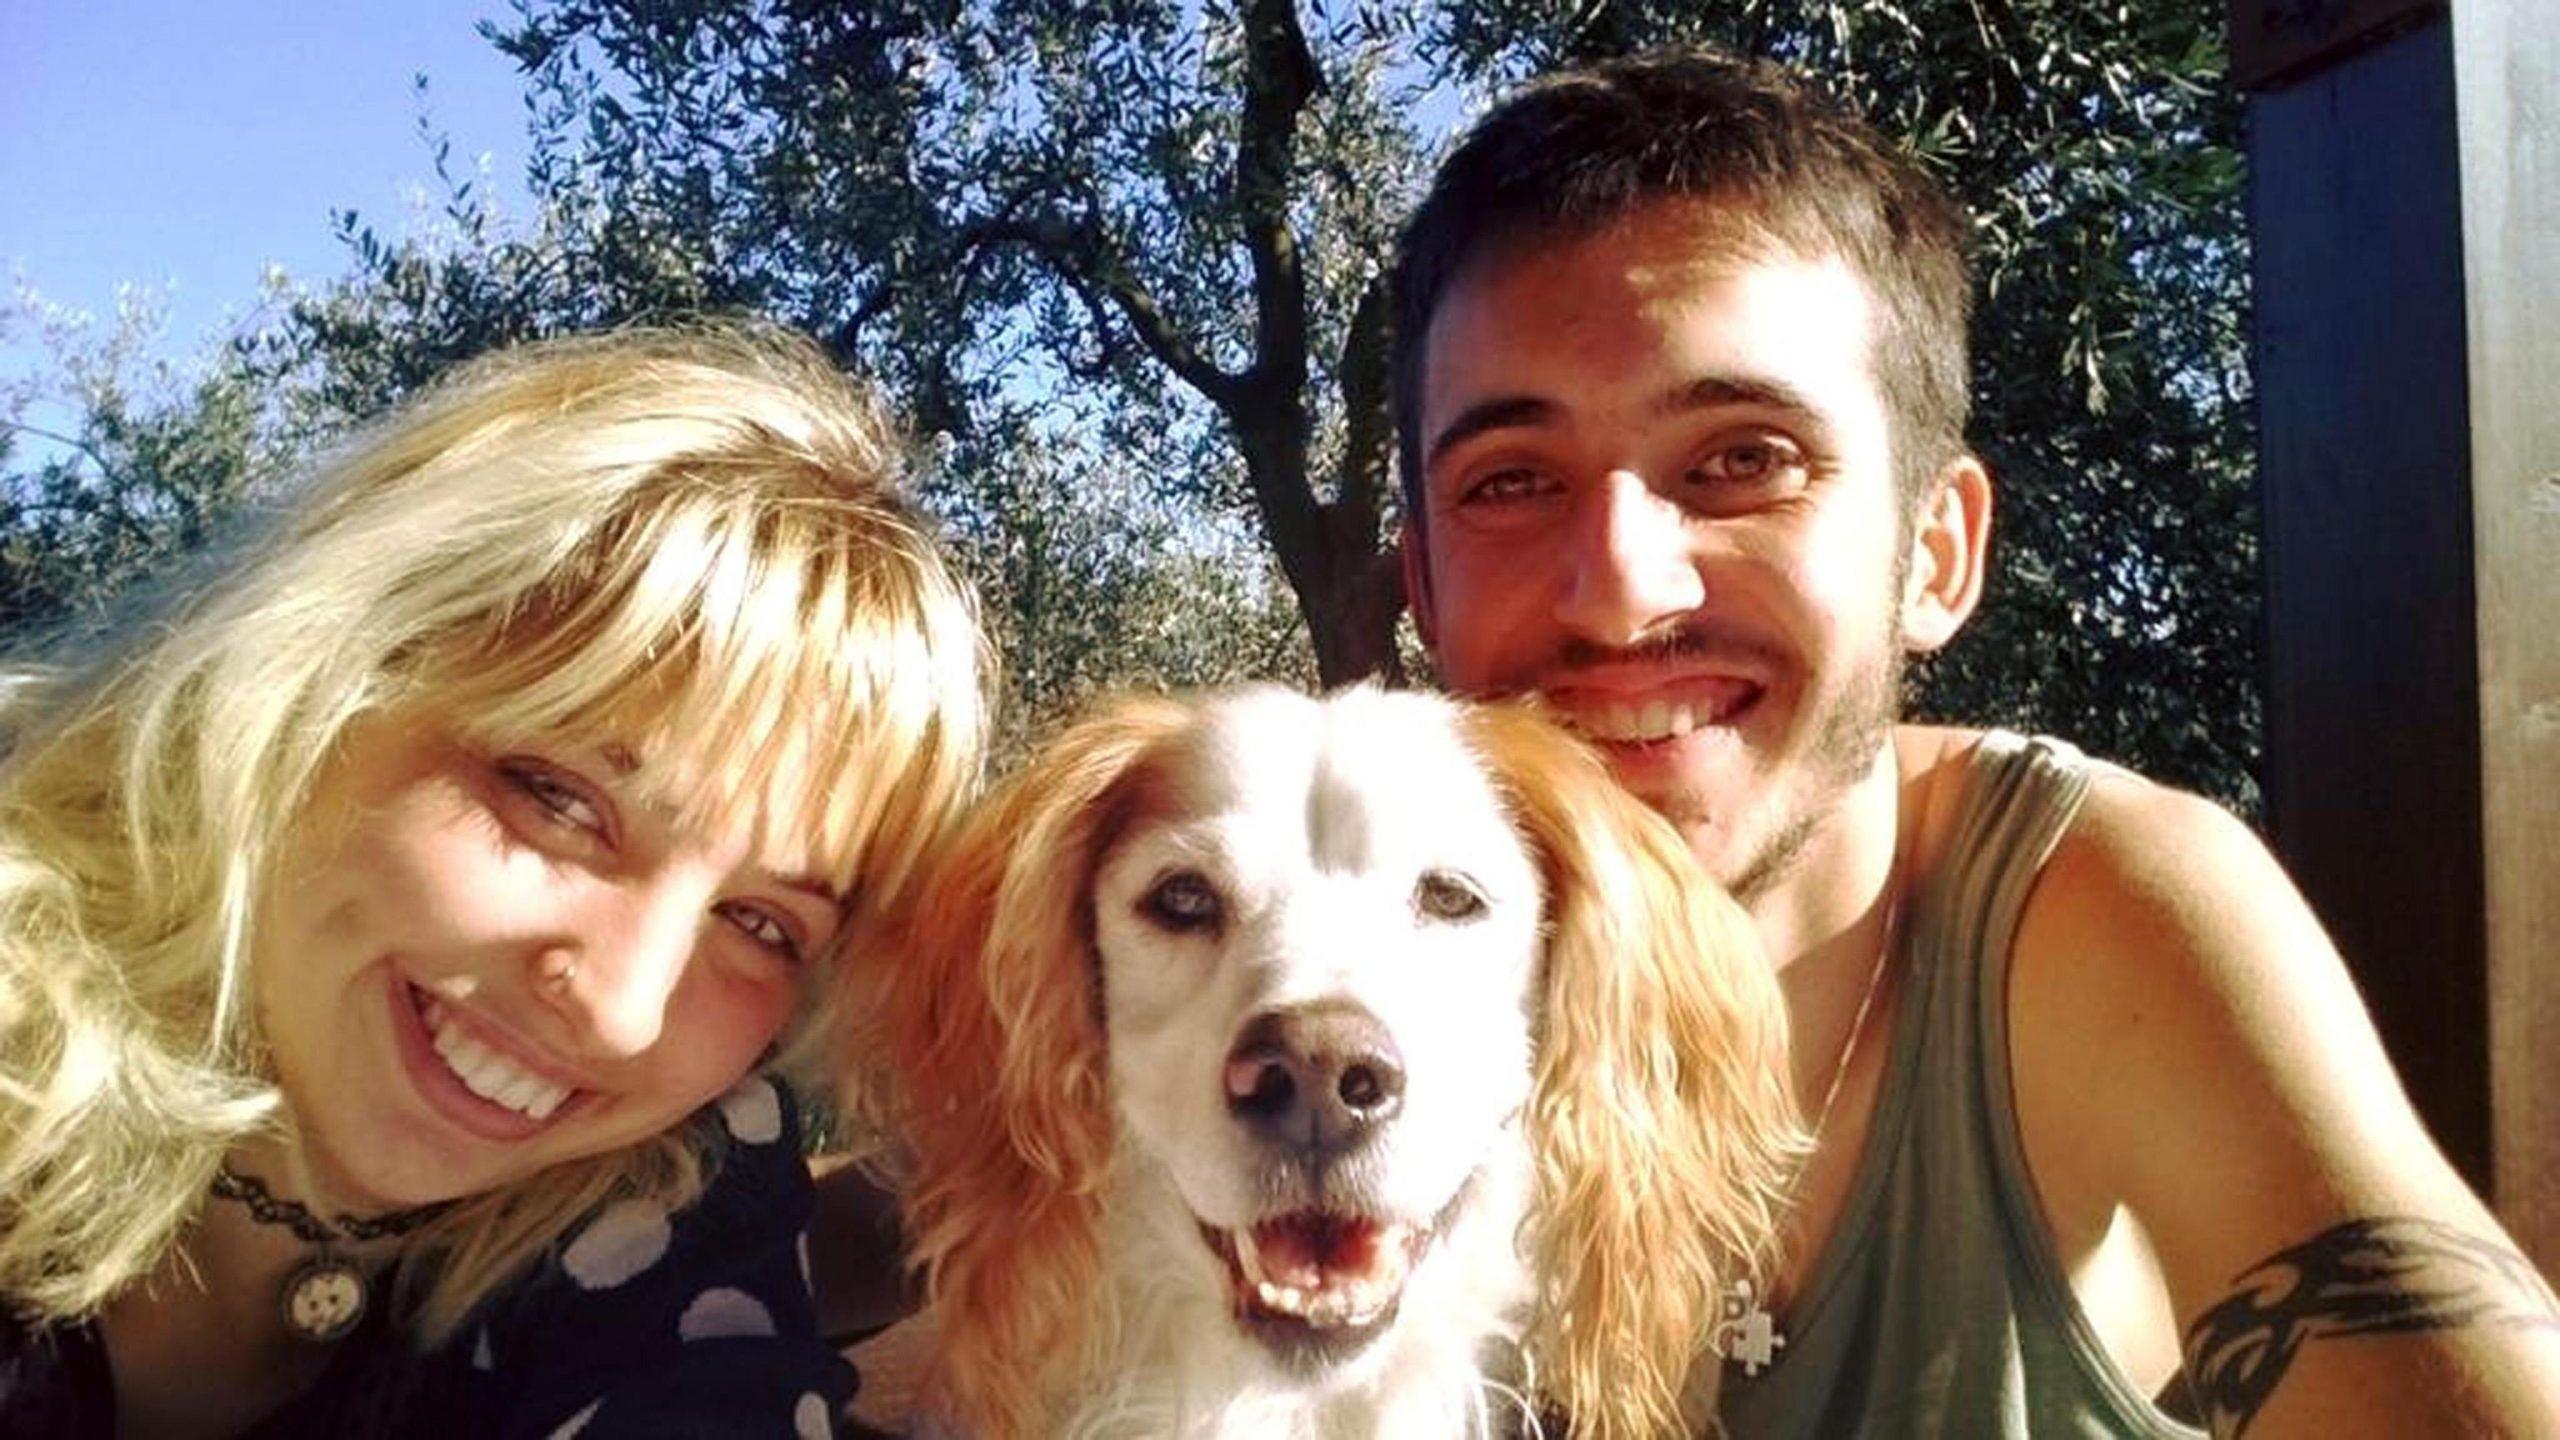 Omicidio suicidio a Tenno: giovani fidanzati da sei anni